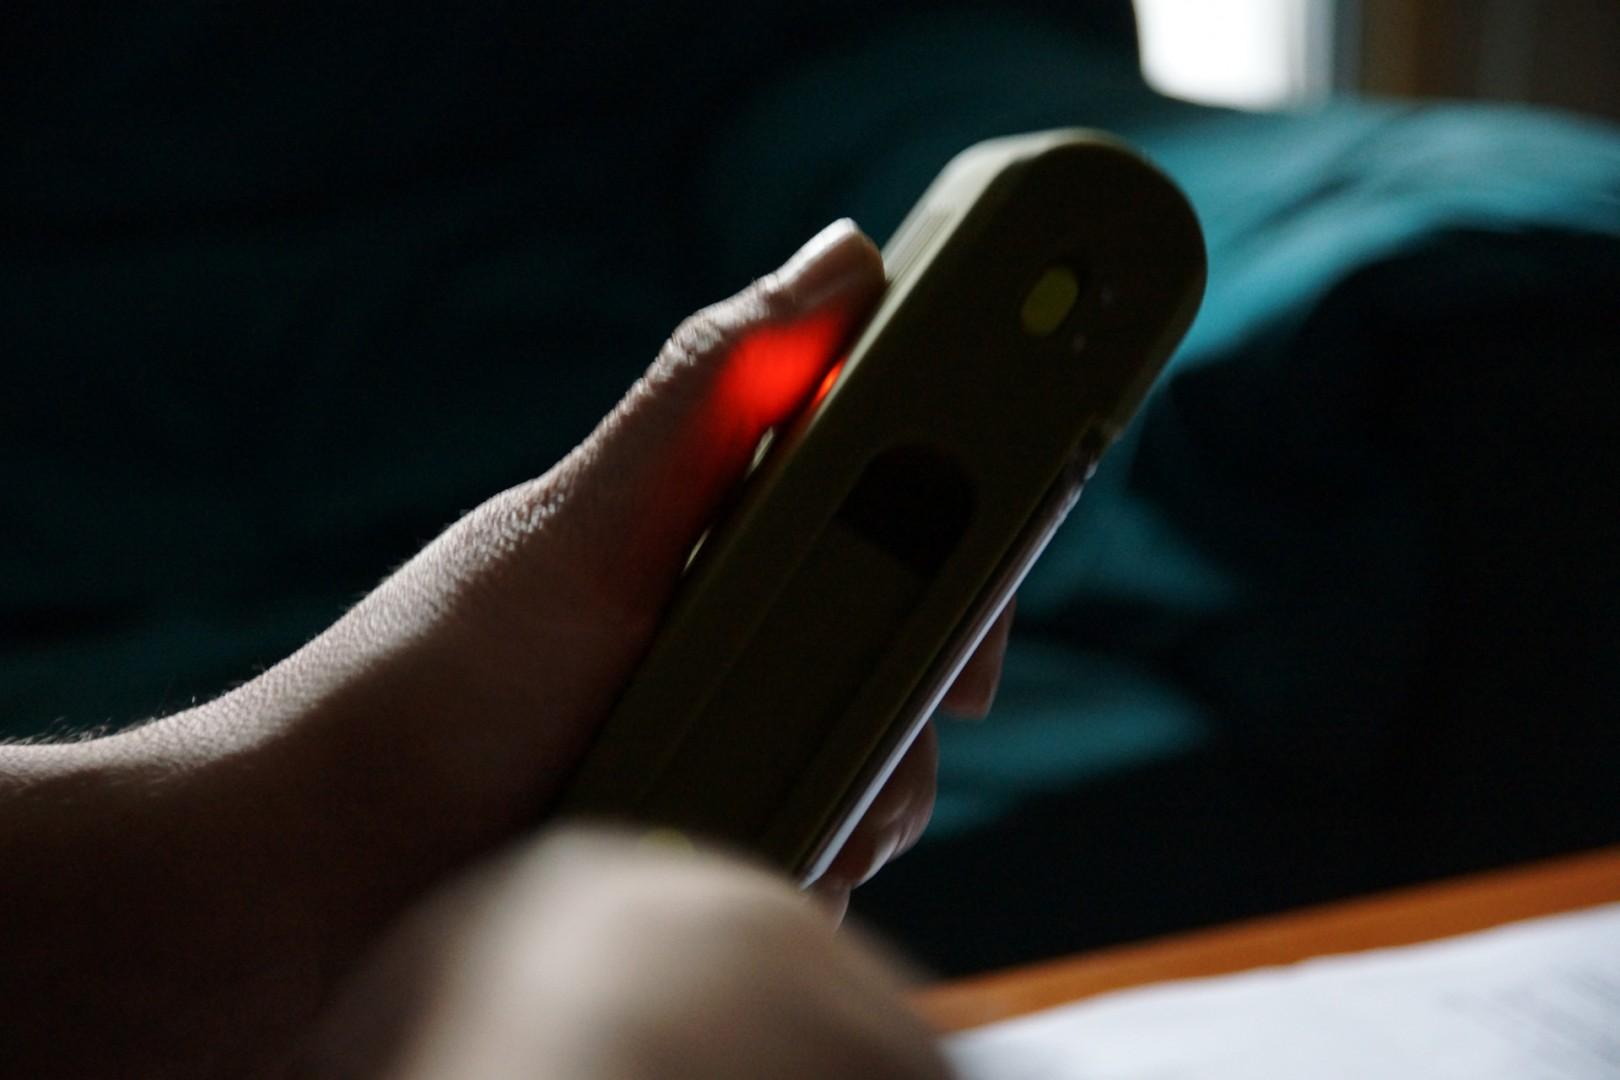 Antonio recharge son téléphone portable à l'aide d'une dynamo en plastique.